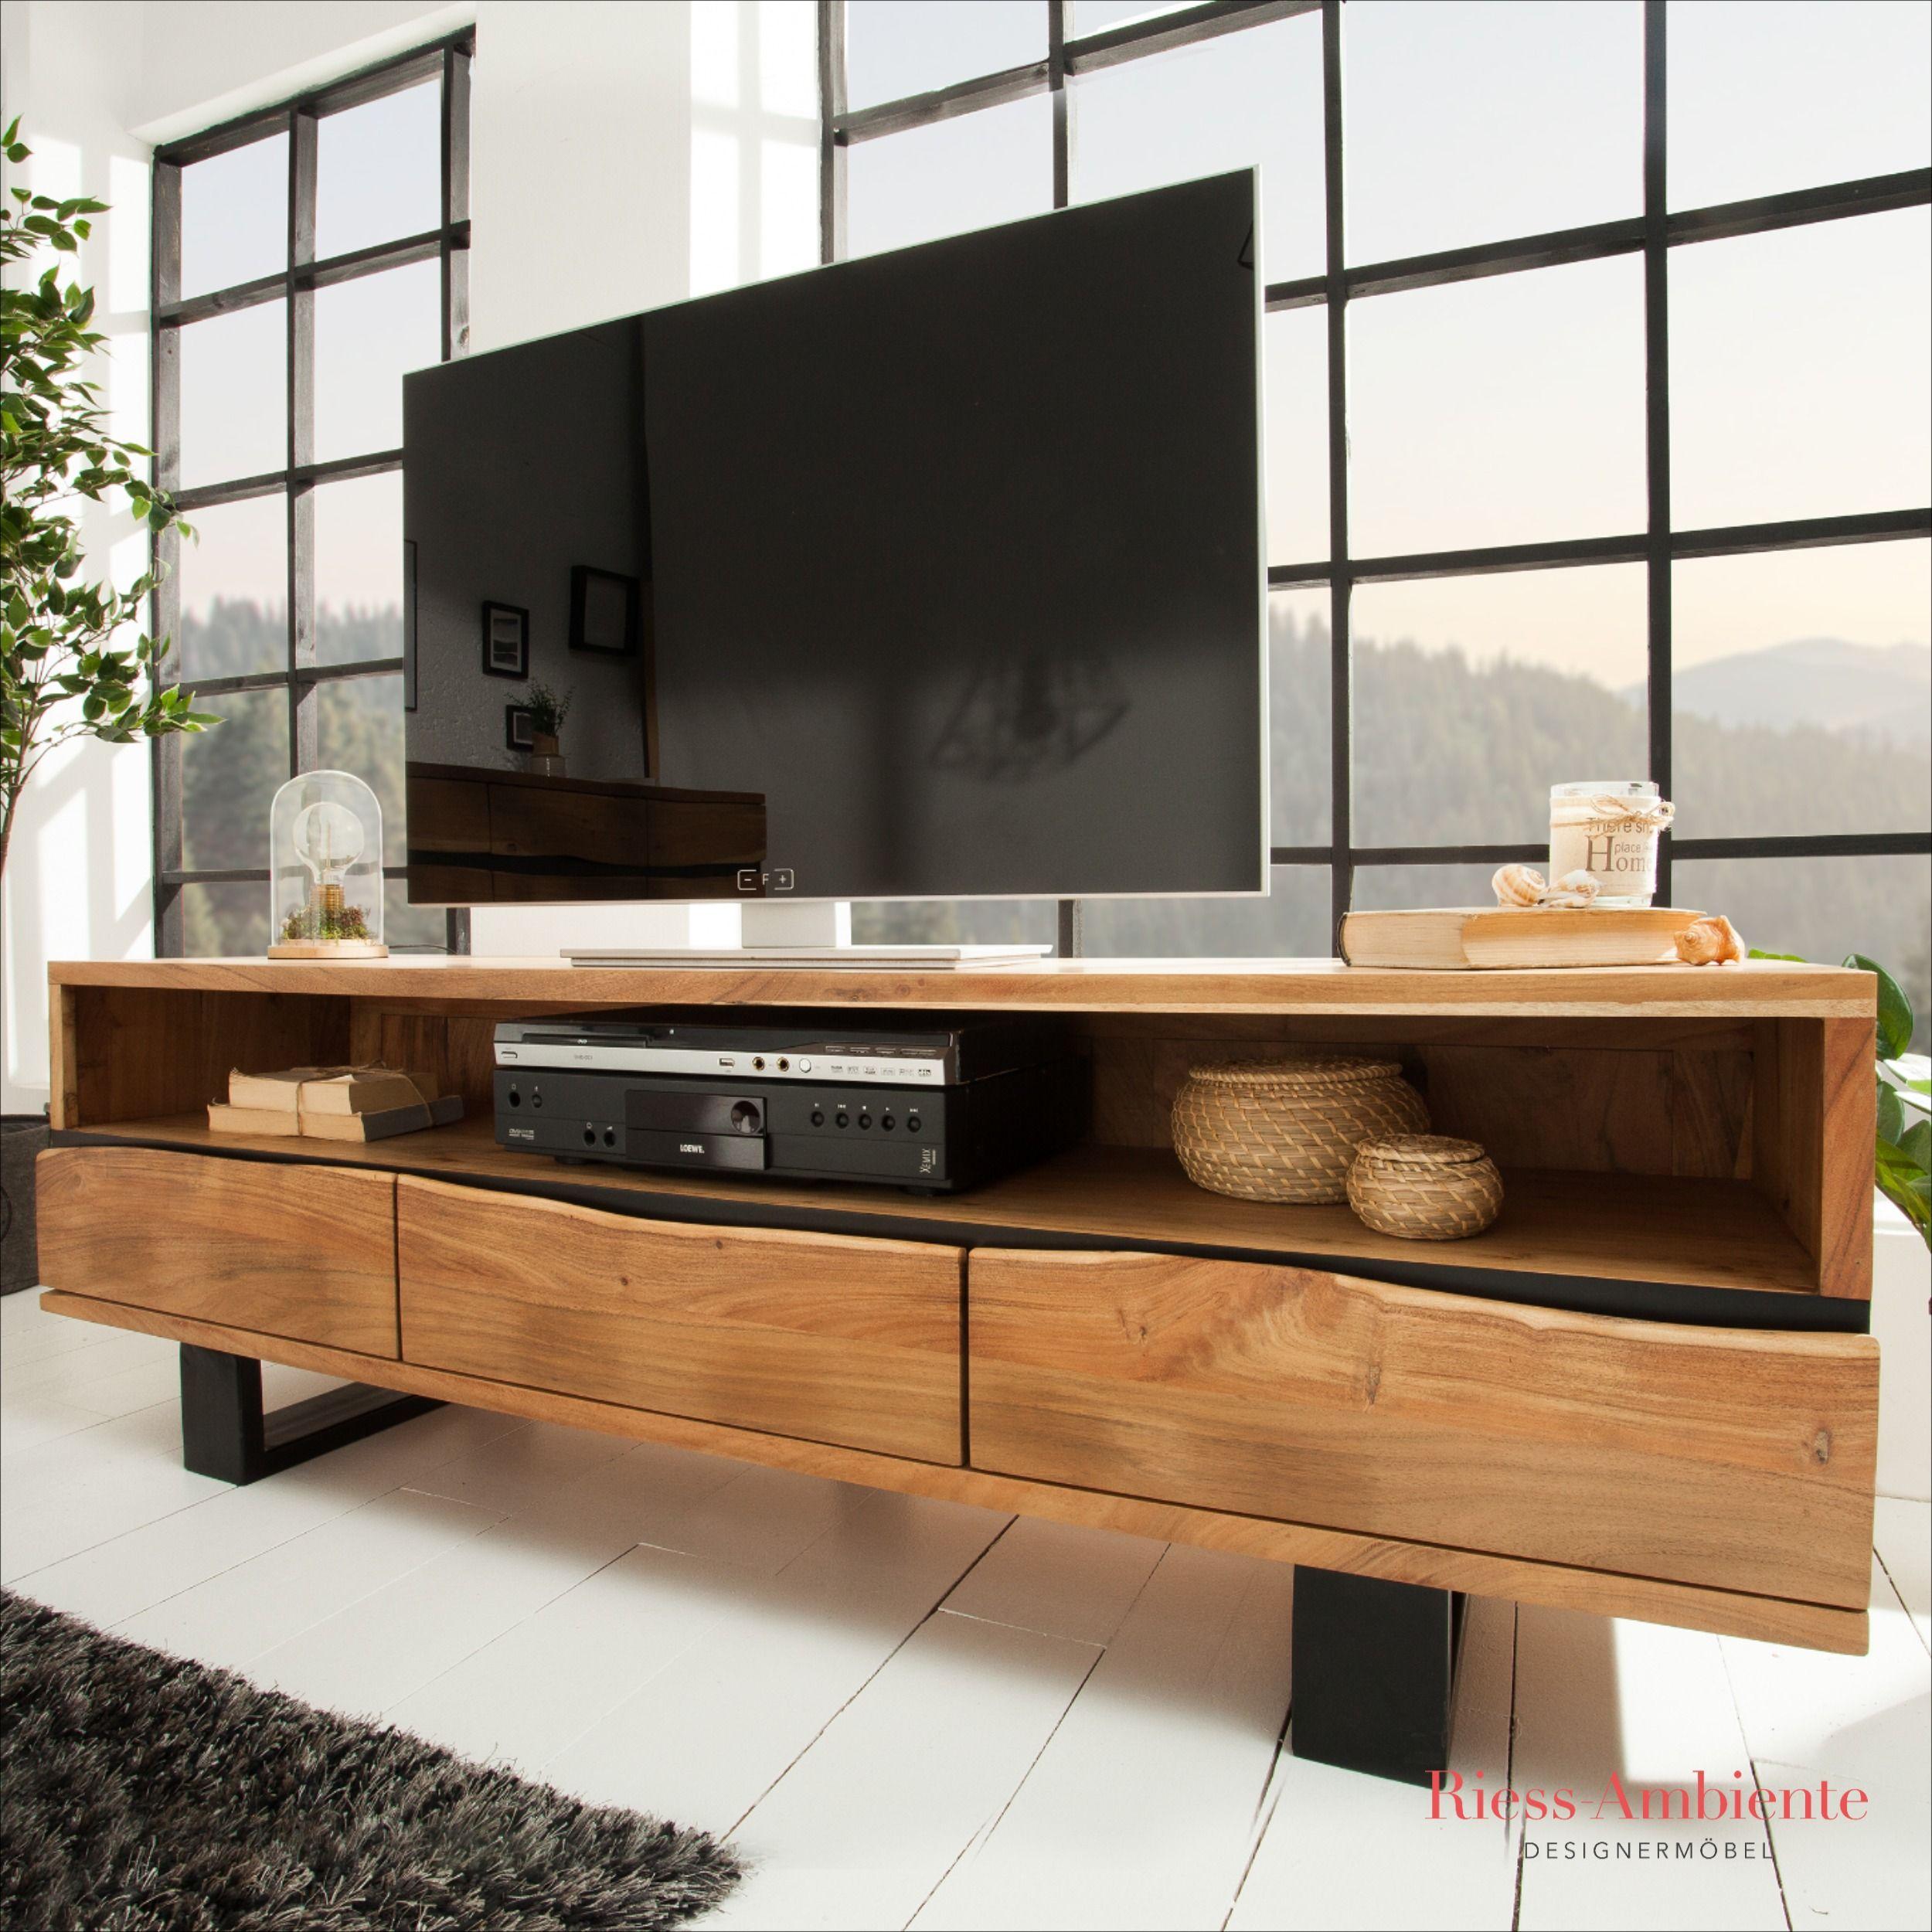 Massives Tv Board Mammut 160cm Akazie Metall Baumkante Lowboard Riess Ambiente De Wohnzimmer Ideen Wohnung Möbel Wohnzimmer Wohnzimmerdesign